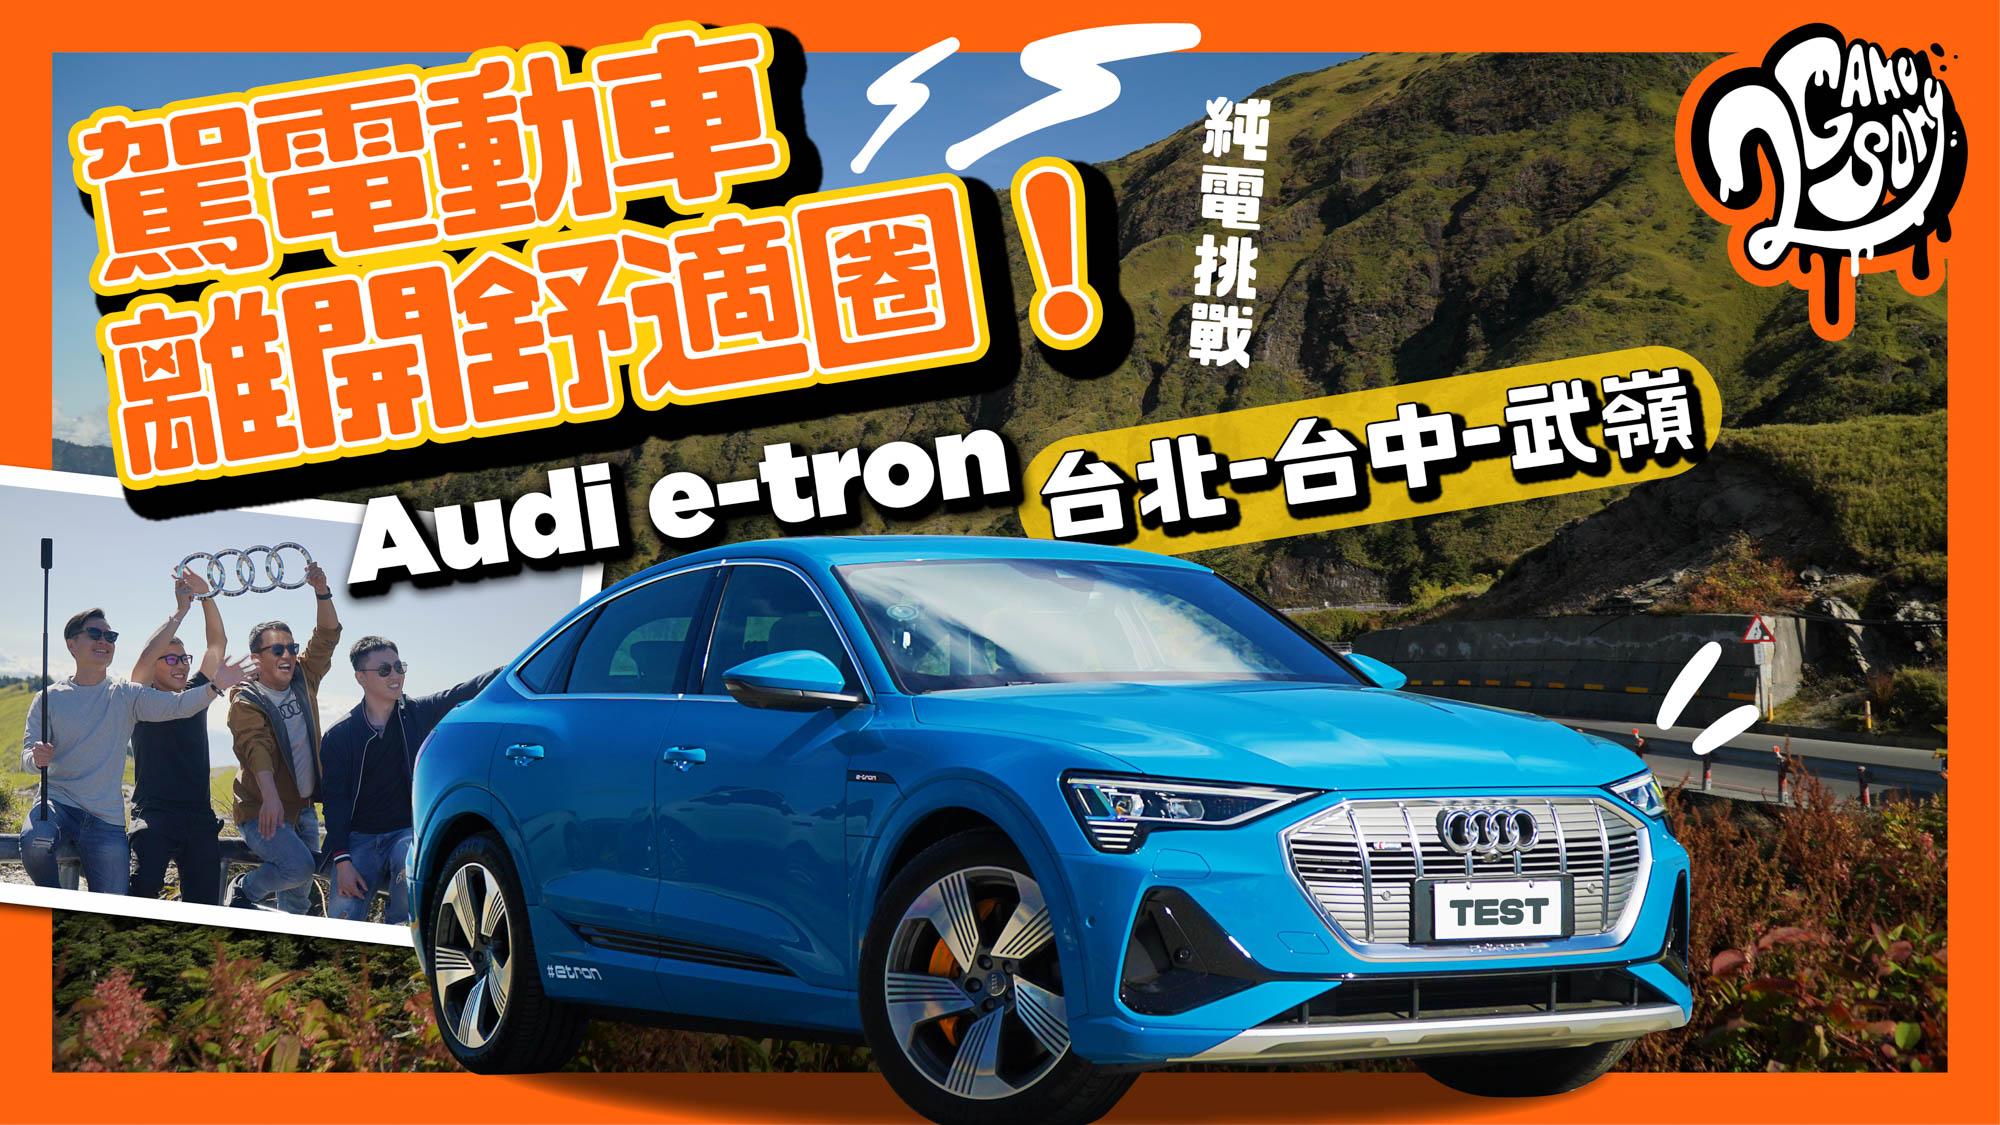 駕電動車離開舒適圈!Audi e-tron 台北-台中-武嶺 純電挑戰